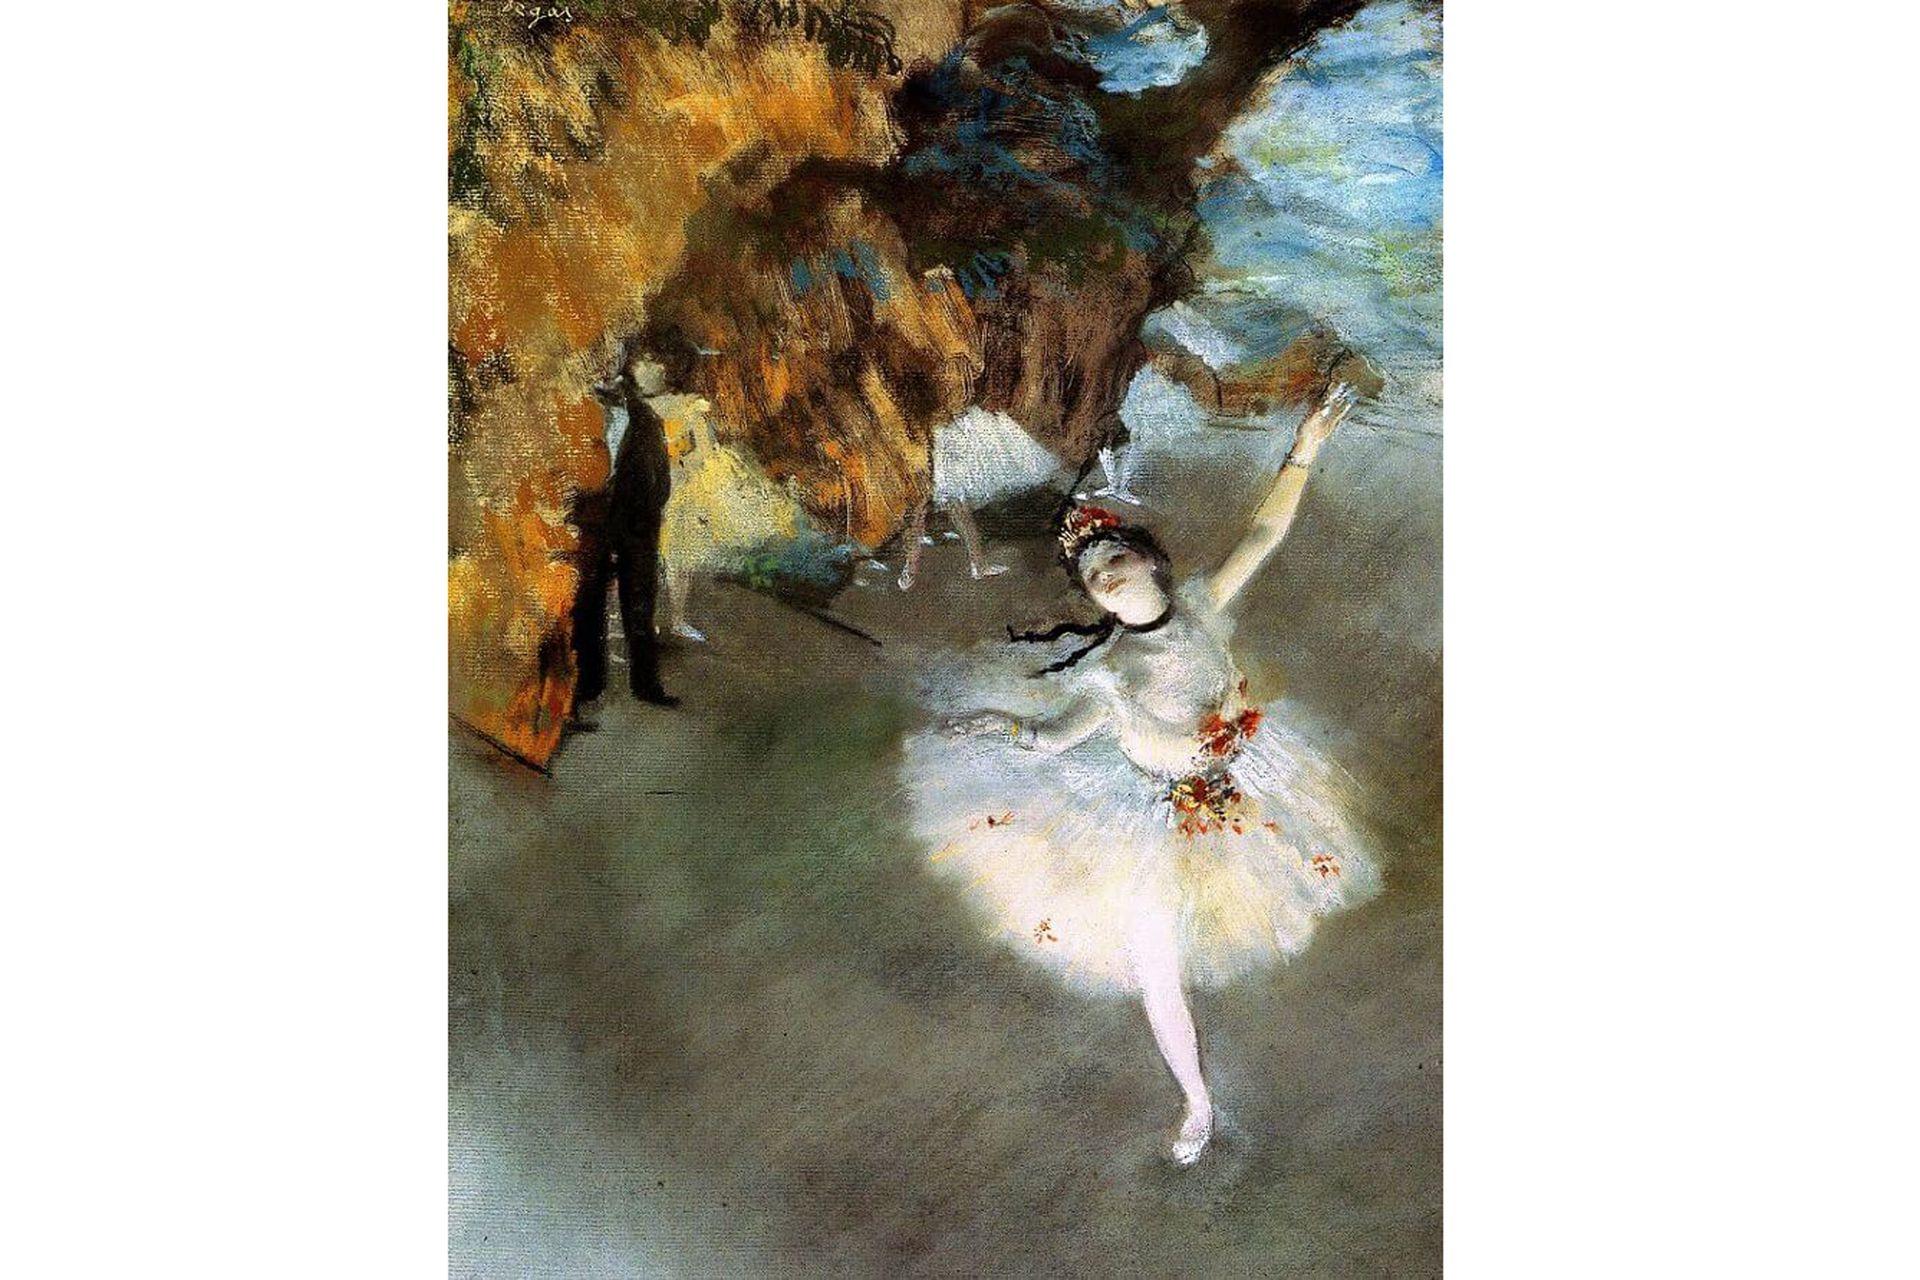 """""""L'etoile"""" (La estrella), uno de sus legendarios retratos de bailarinas de Edgar Degas, 1878, pertenece a la colección del Musée D'Orsay de París. El medio social del que Degas tomaba sus modelos era la Ópera, donde a fines del siglo XIX los hombres ricos de París iban en busca de chicas"""